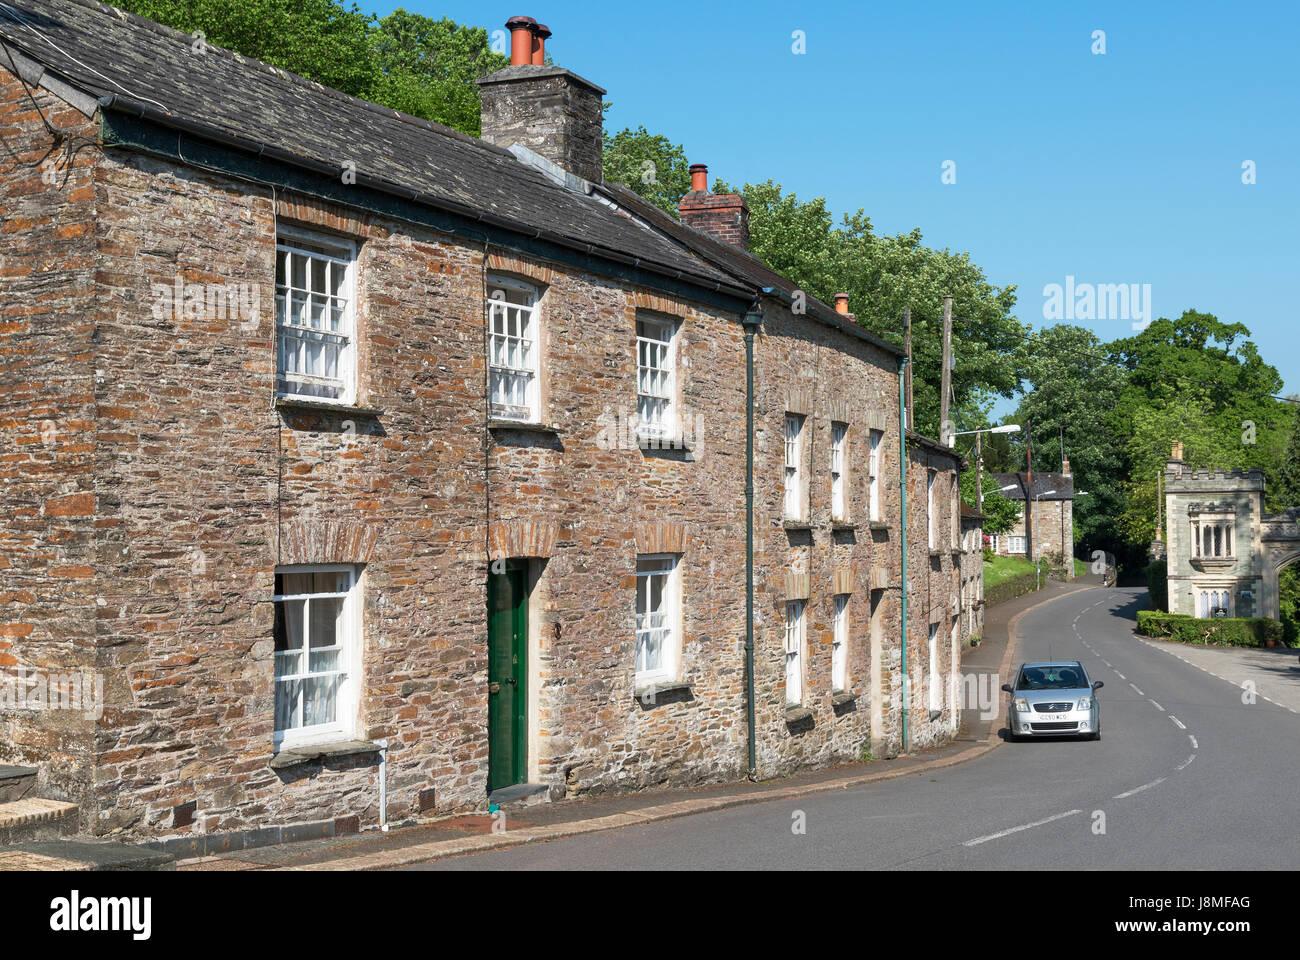 Das Dorf von st.germans in Cornwall, England, Großbritannien, uk Stockbild